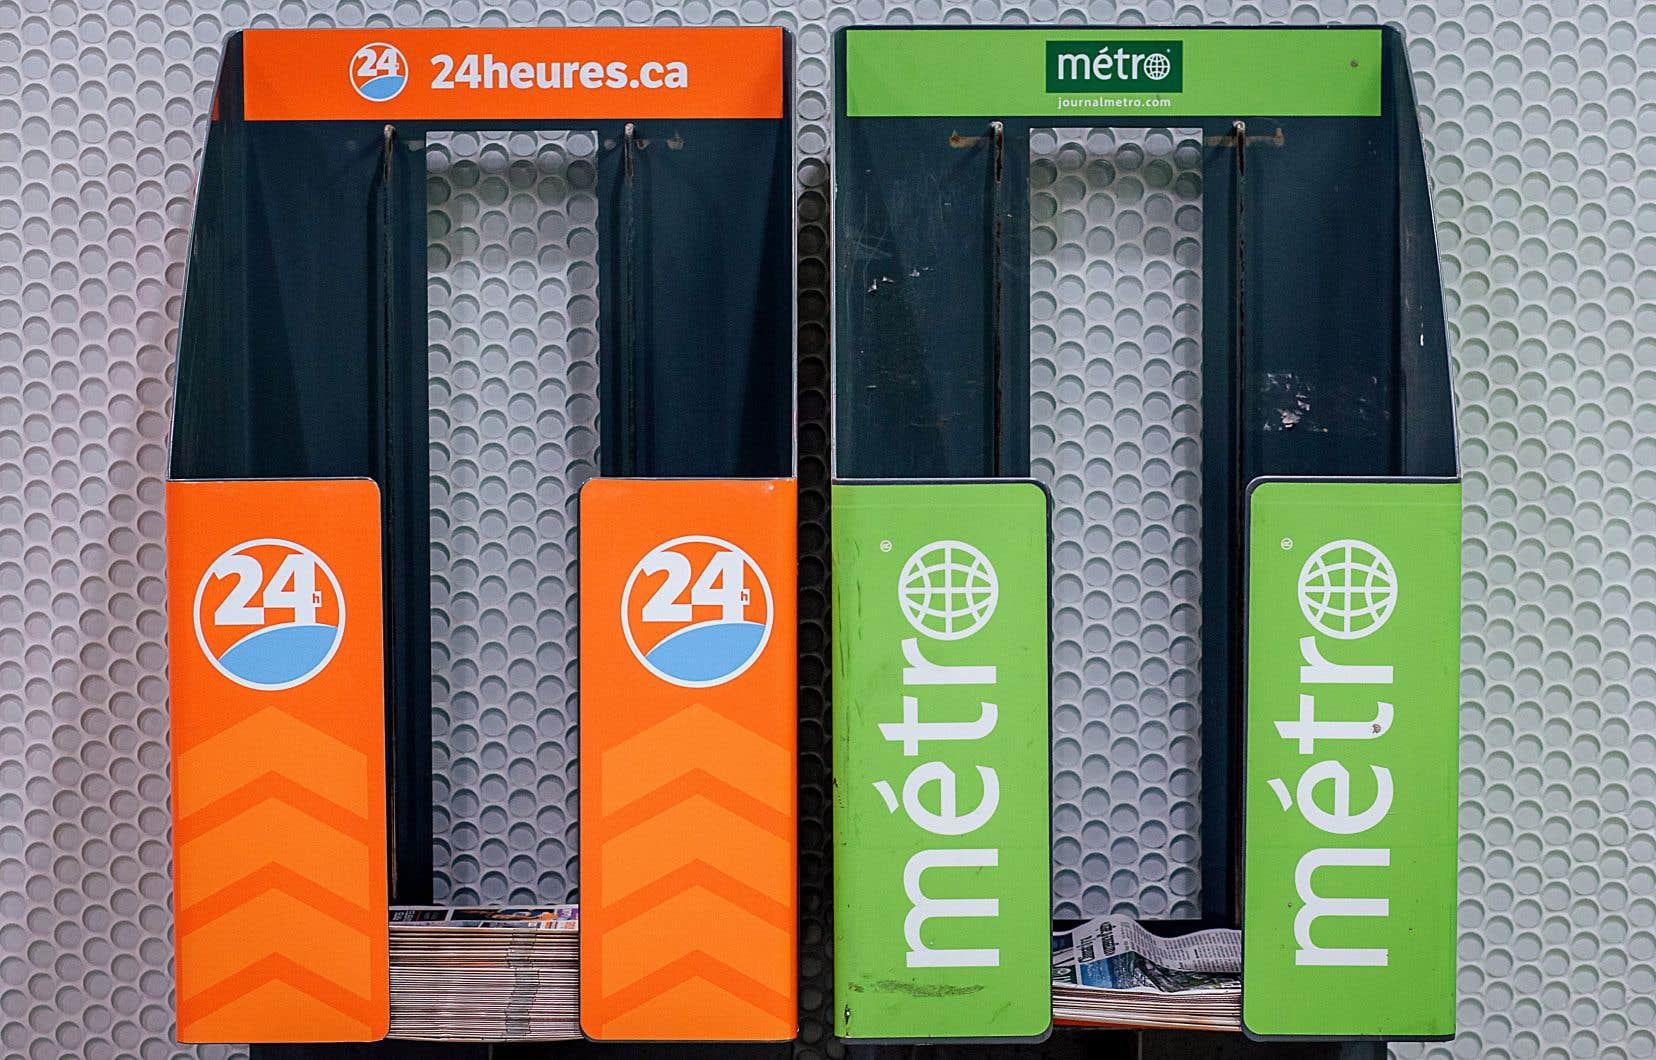 Les quotidiens 24Heures et Métro seront distribués dans 160 présentoirs du métro.